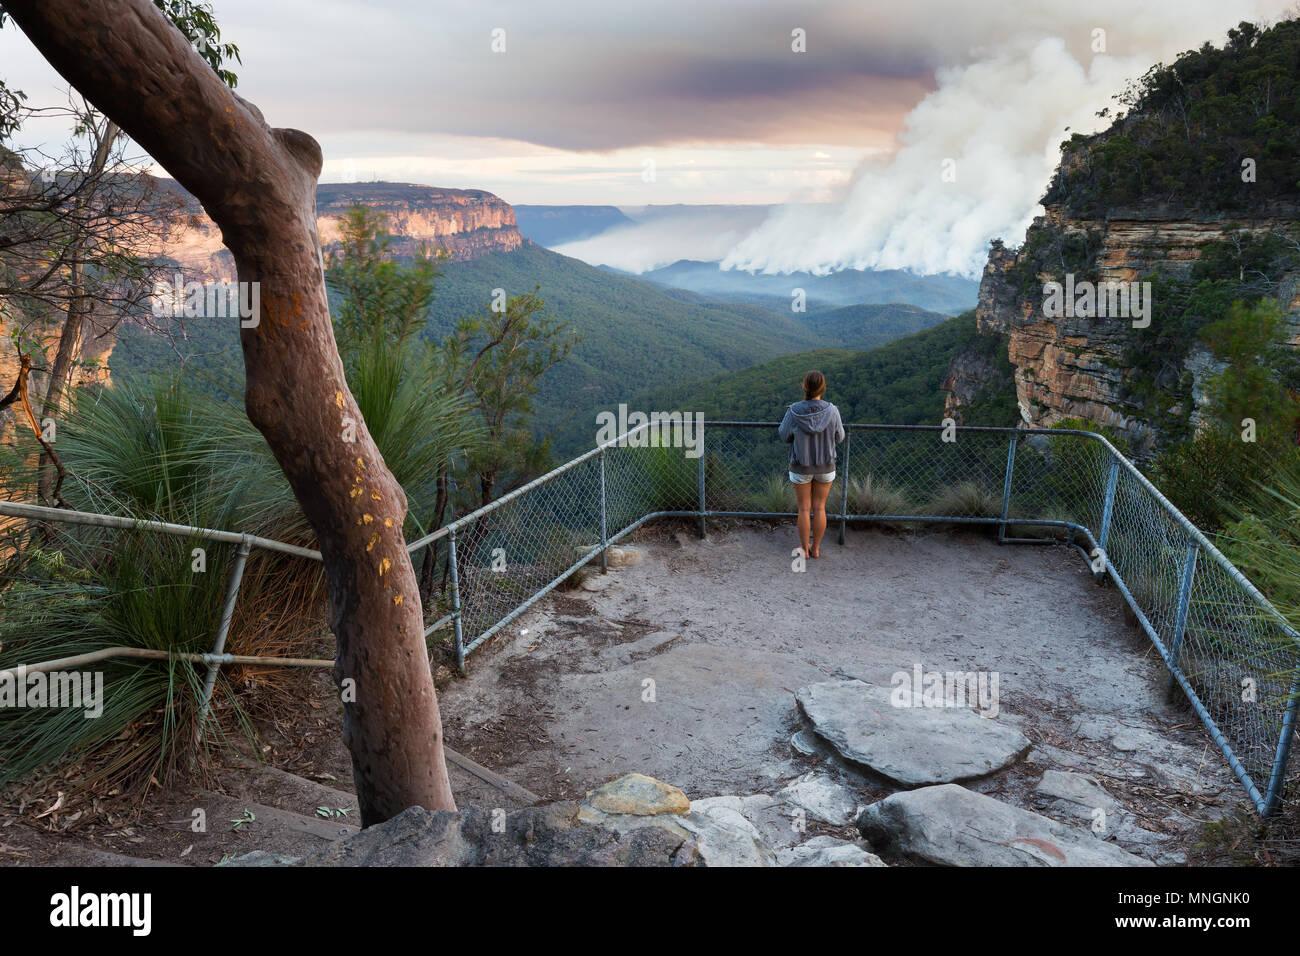 Le bush fille lors d'une recherche avec une vue sur un incendie à distance et de la fumée dans les Blue Mountains, New South Wales, Australie. Photo Stock